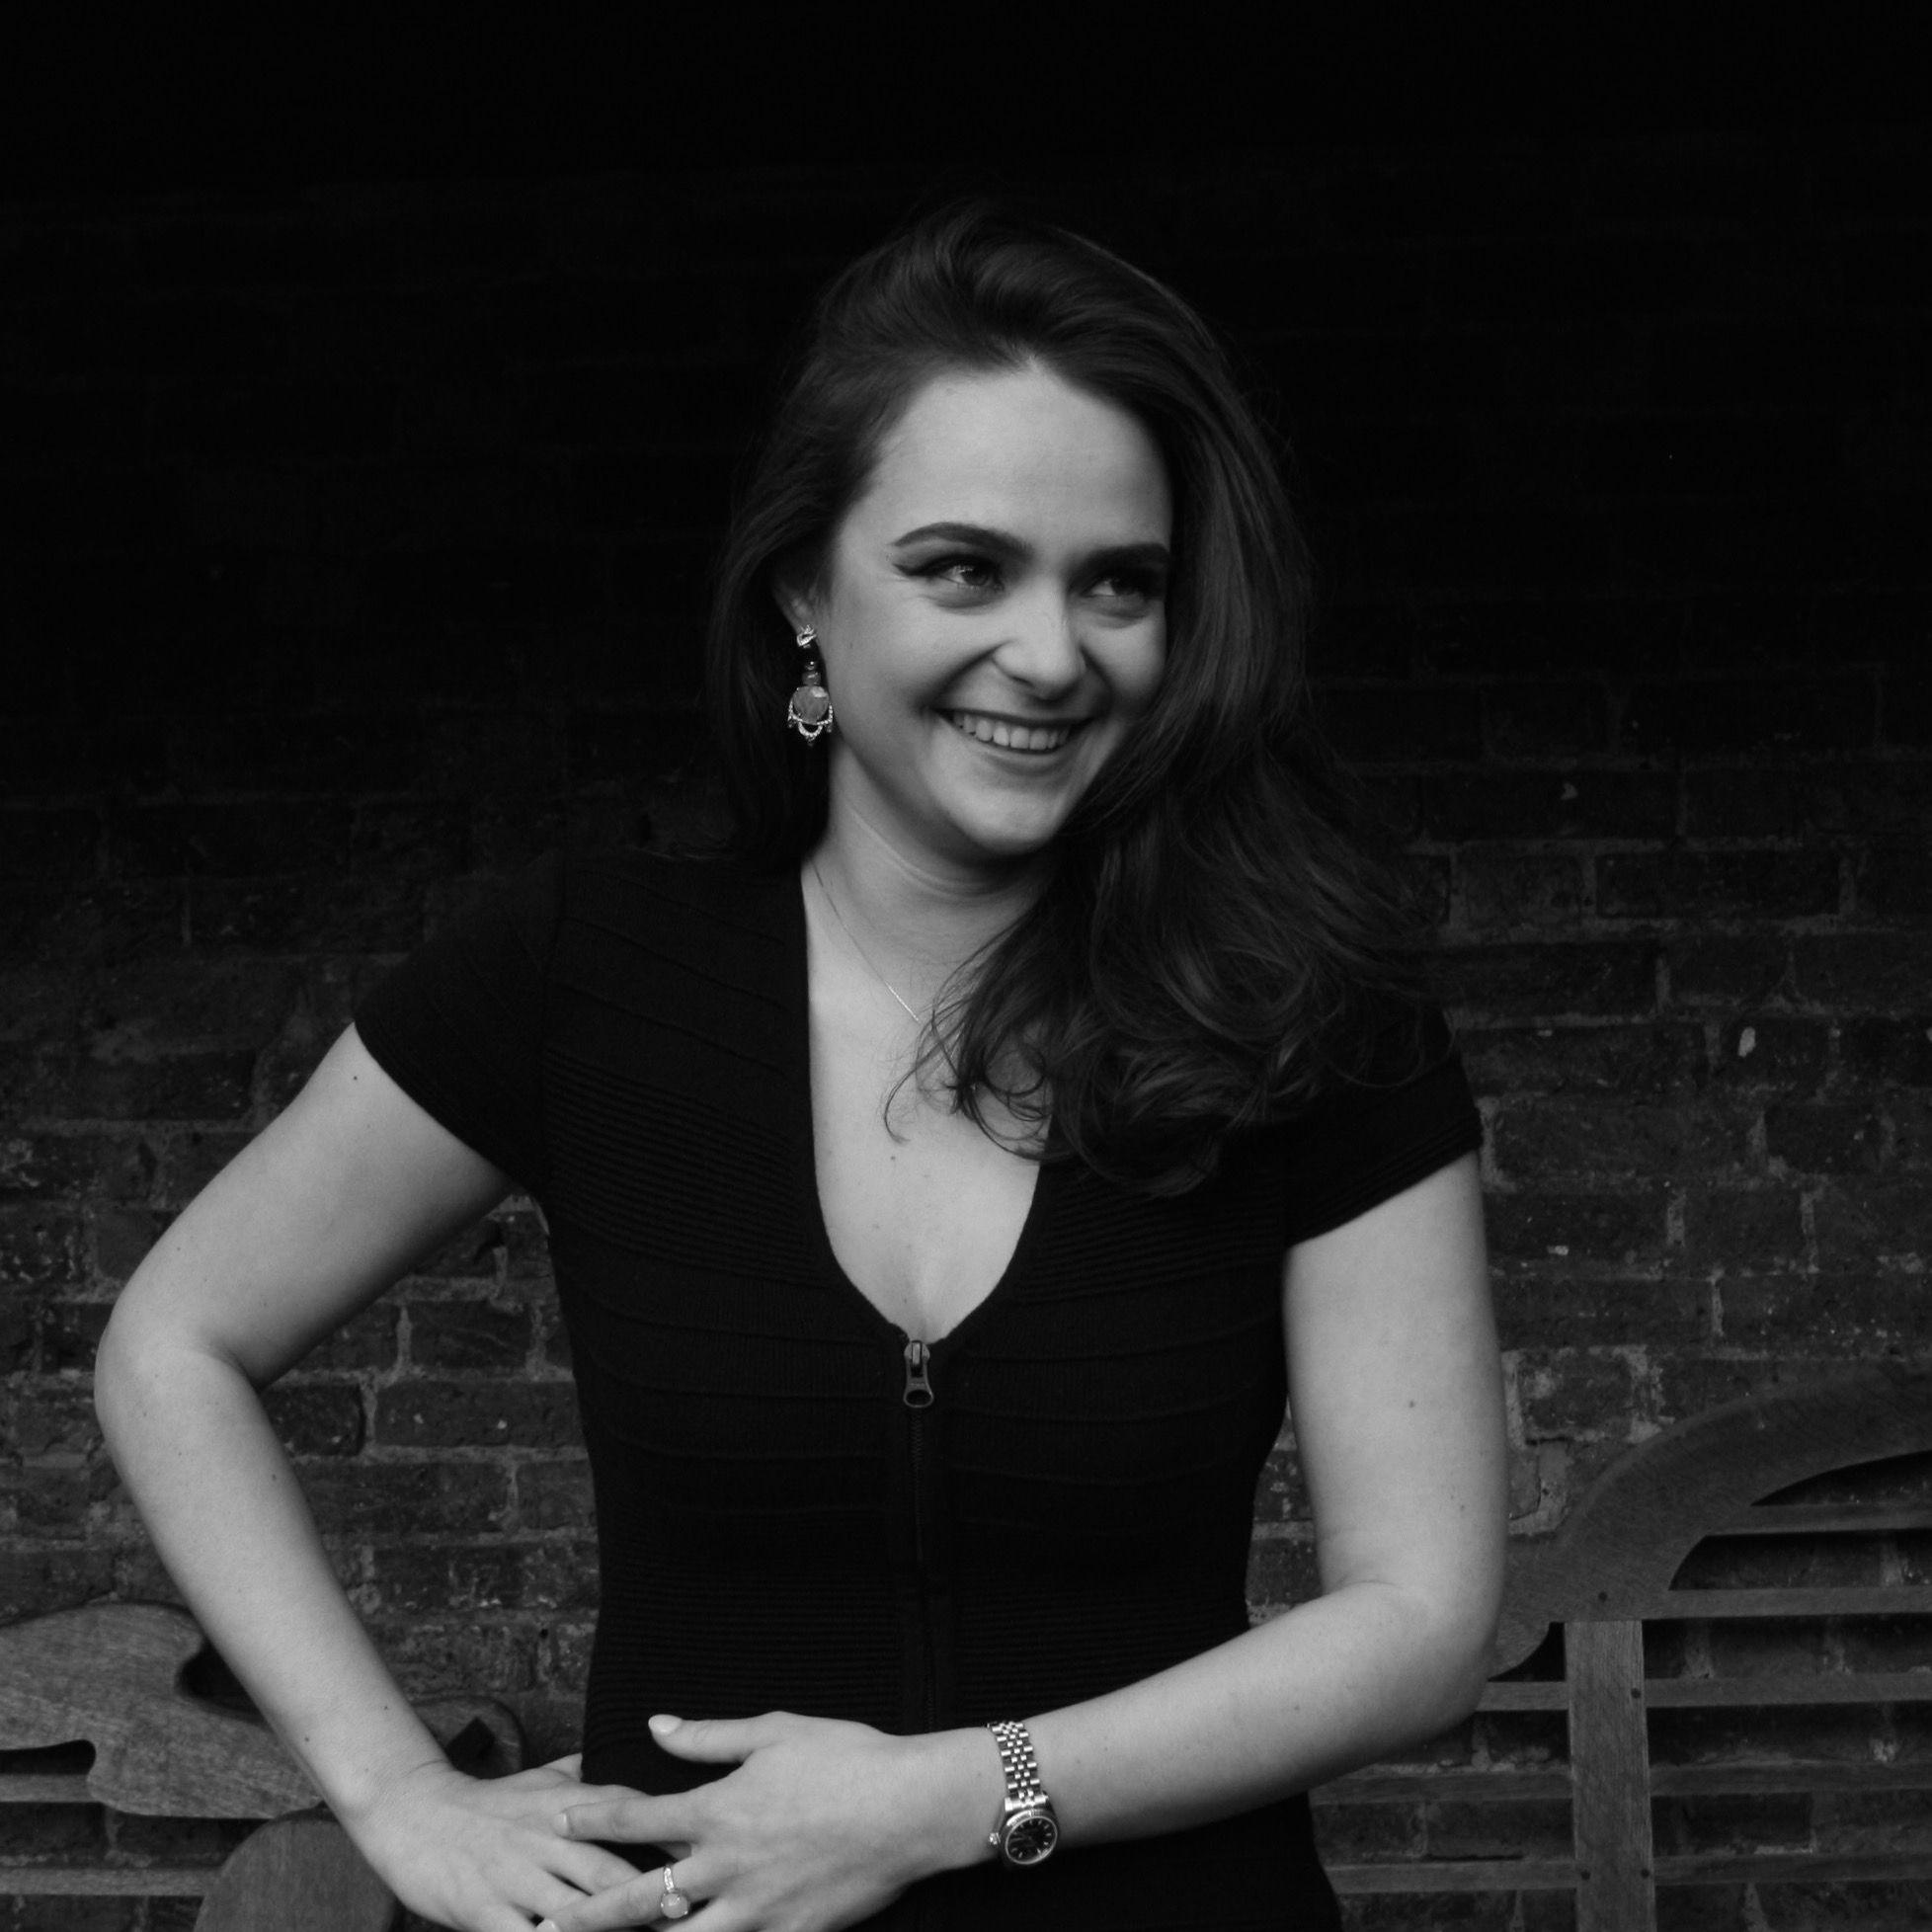 Gabriella T. - HURR Collective Member